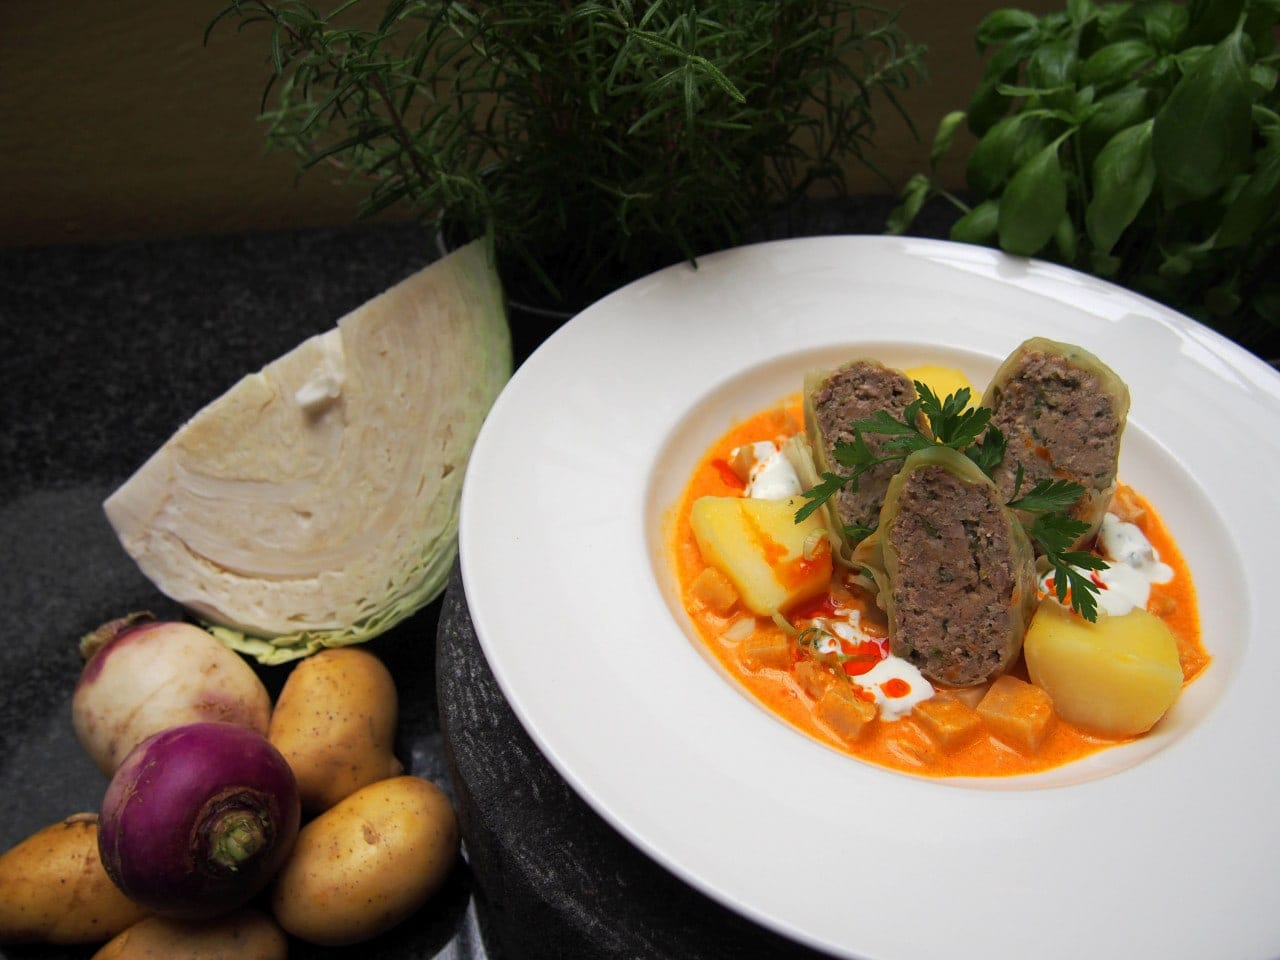 Krautroulade gefüllt mit Rindfleisch und Kartoffeln